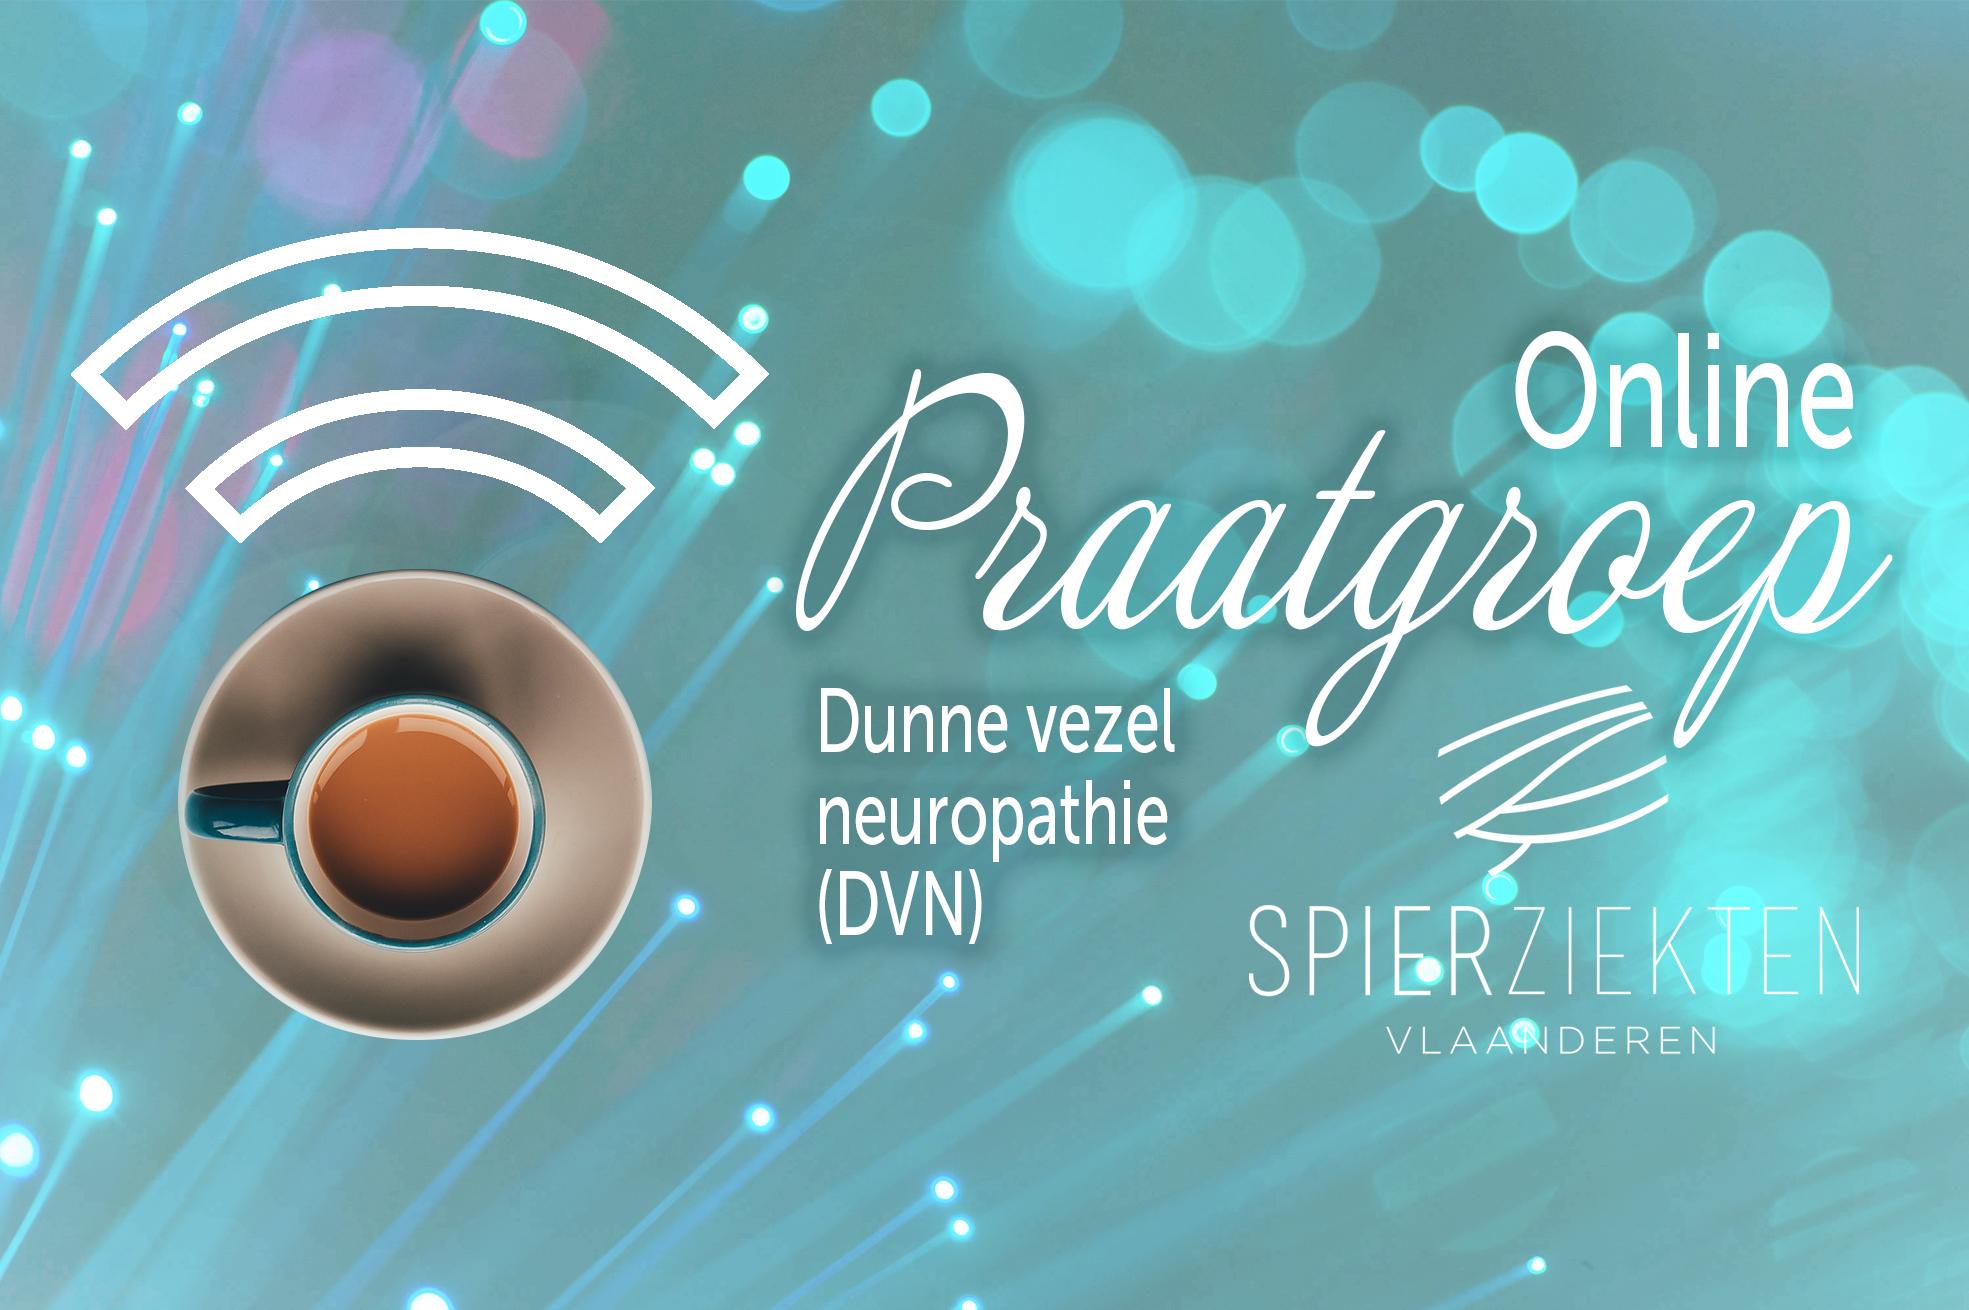 online-praatcafe-beeld-DVN Online ontmoetingsmoment van onze diagnosegroep voor dunne vezel neuropathie (DVN)